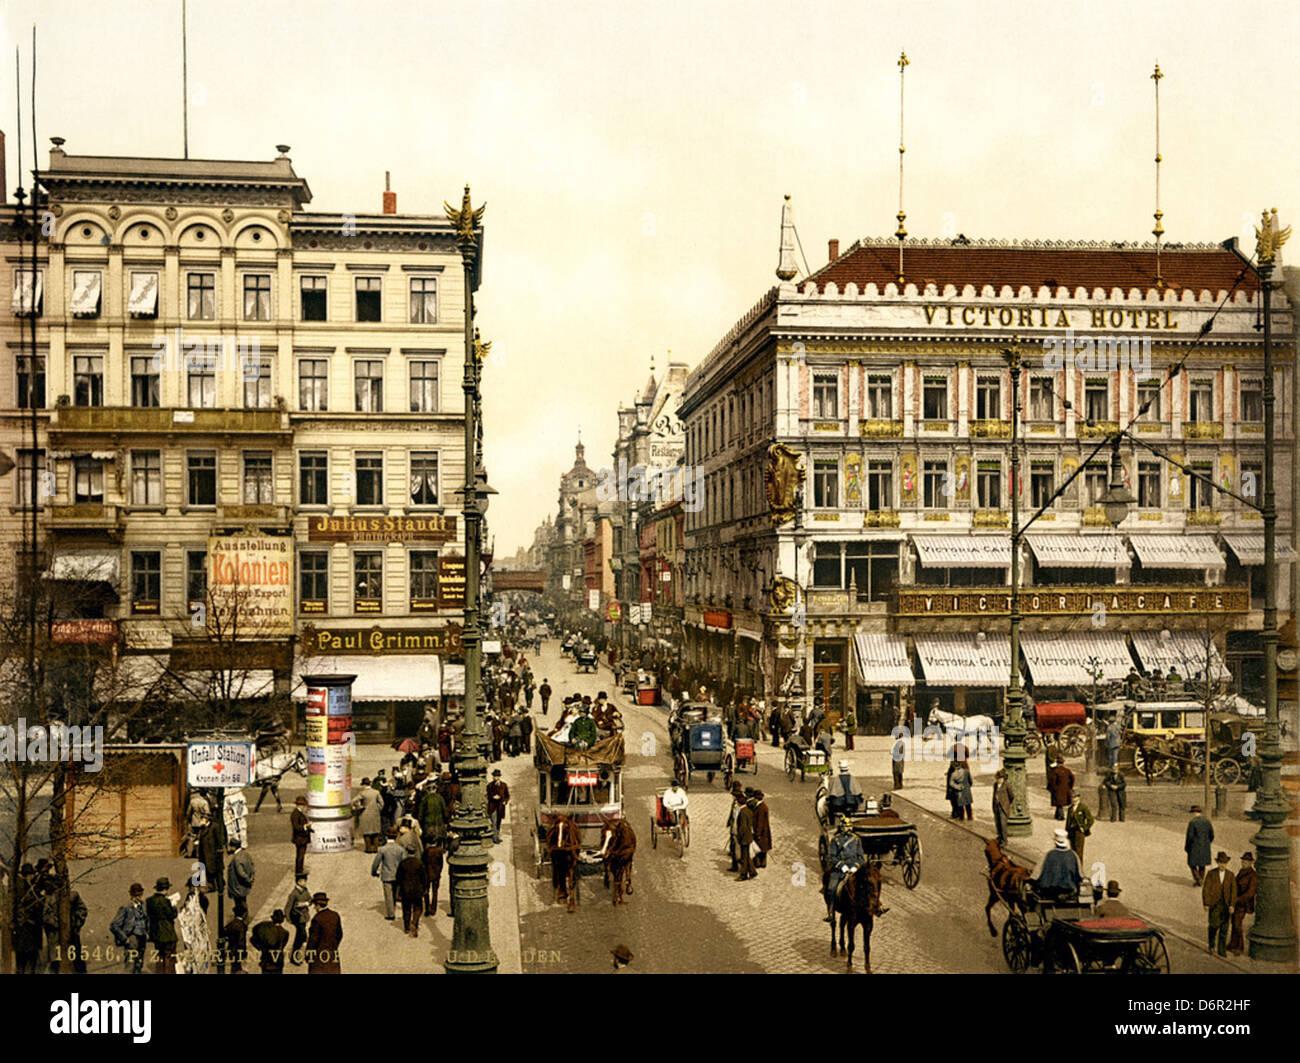 Victoria Hotel, Unter den Linden, Berlin, ca. 1900 - Stock Image